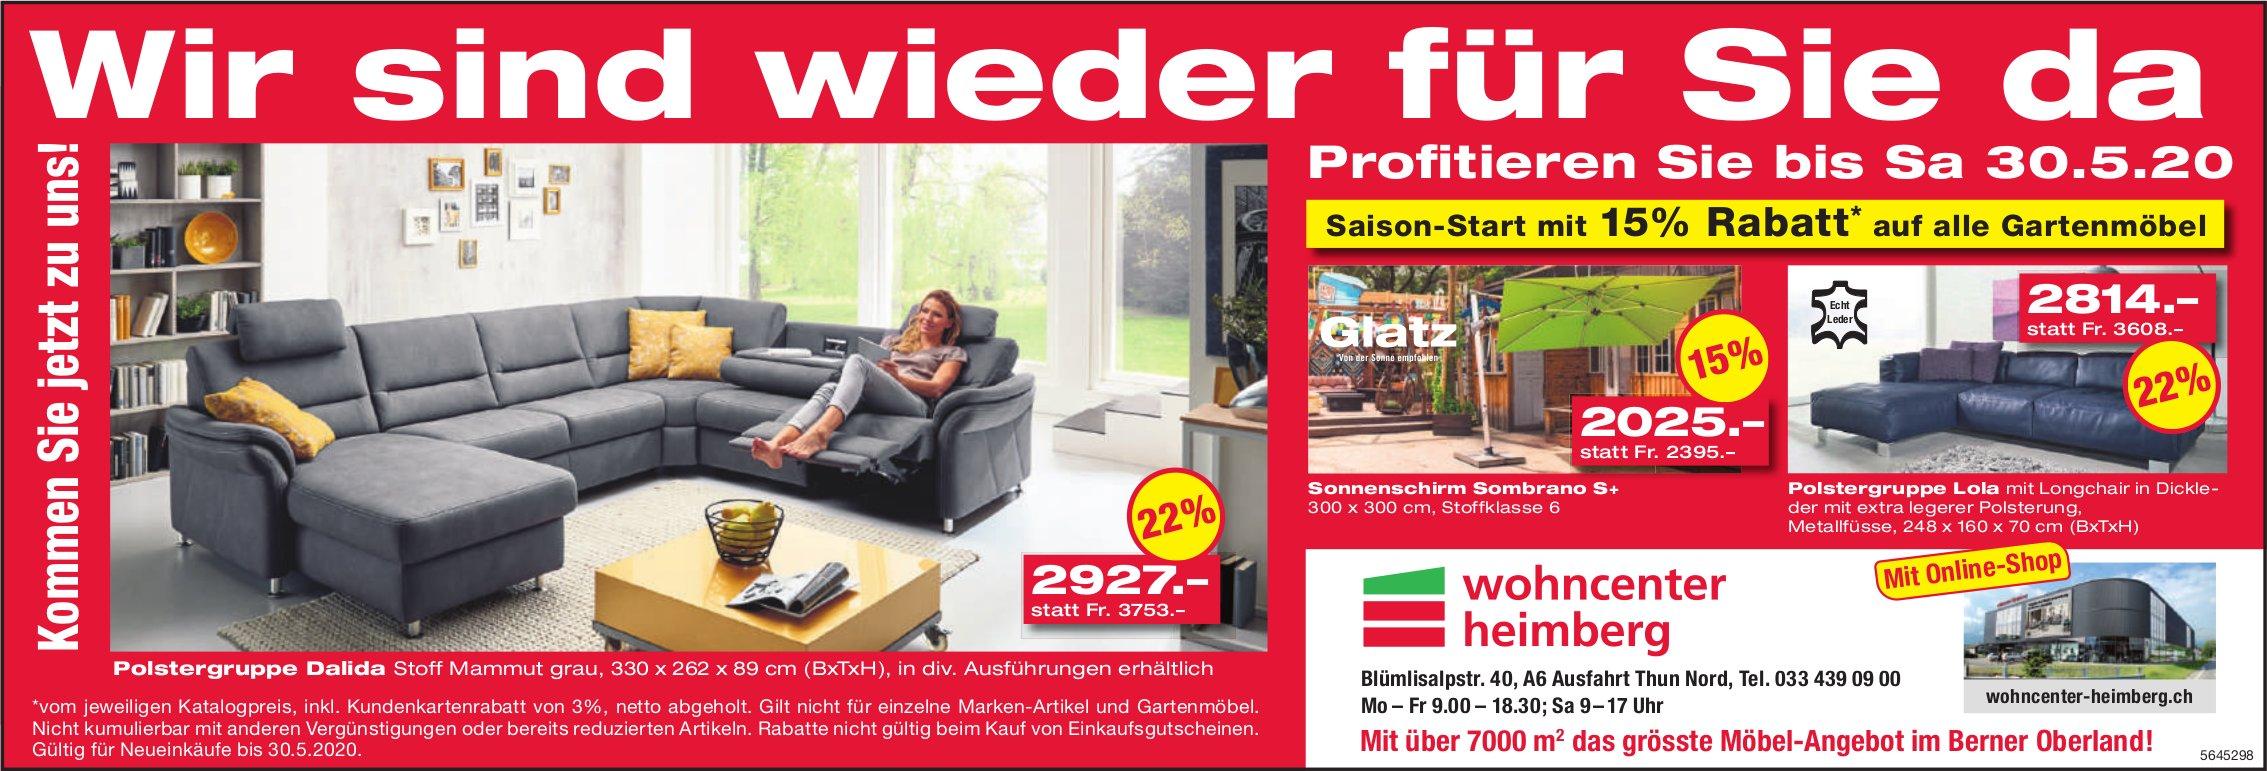 Wohncenter Heimberg - Wir sind wieder für Sie da